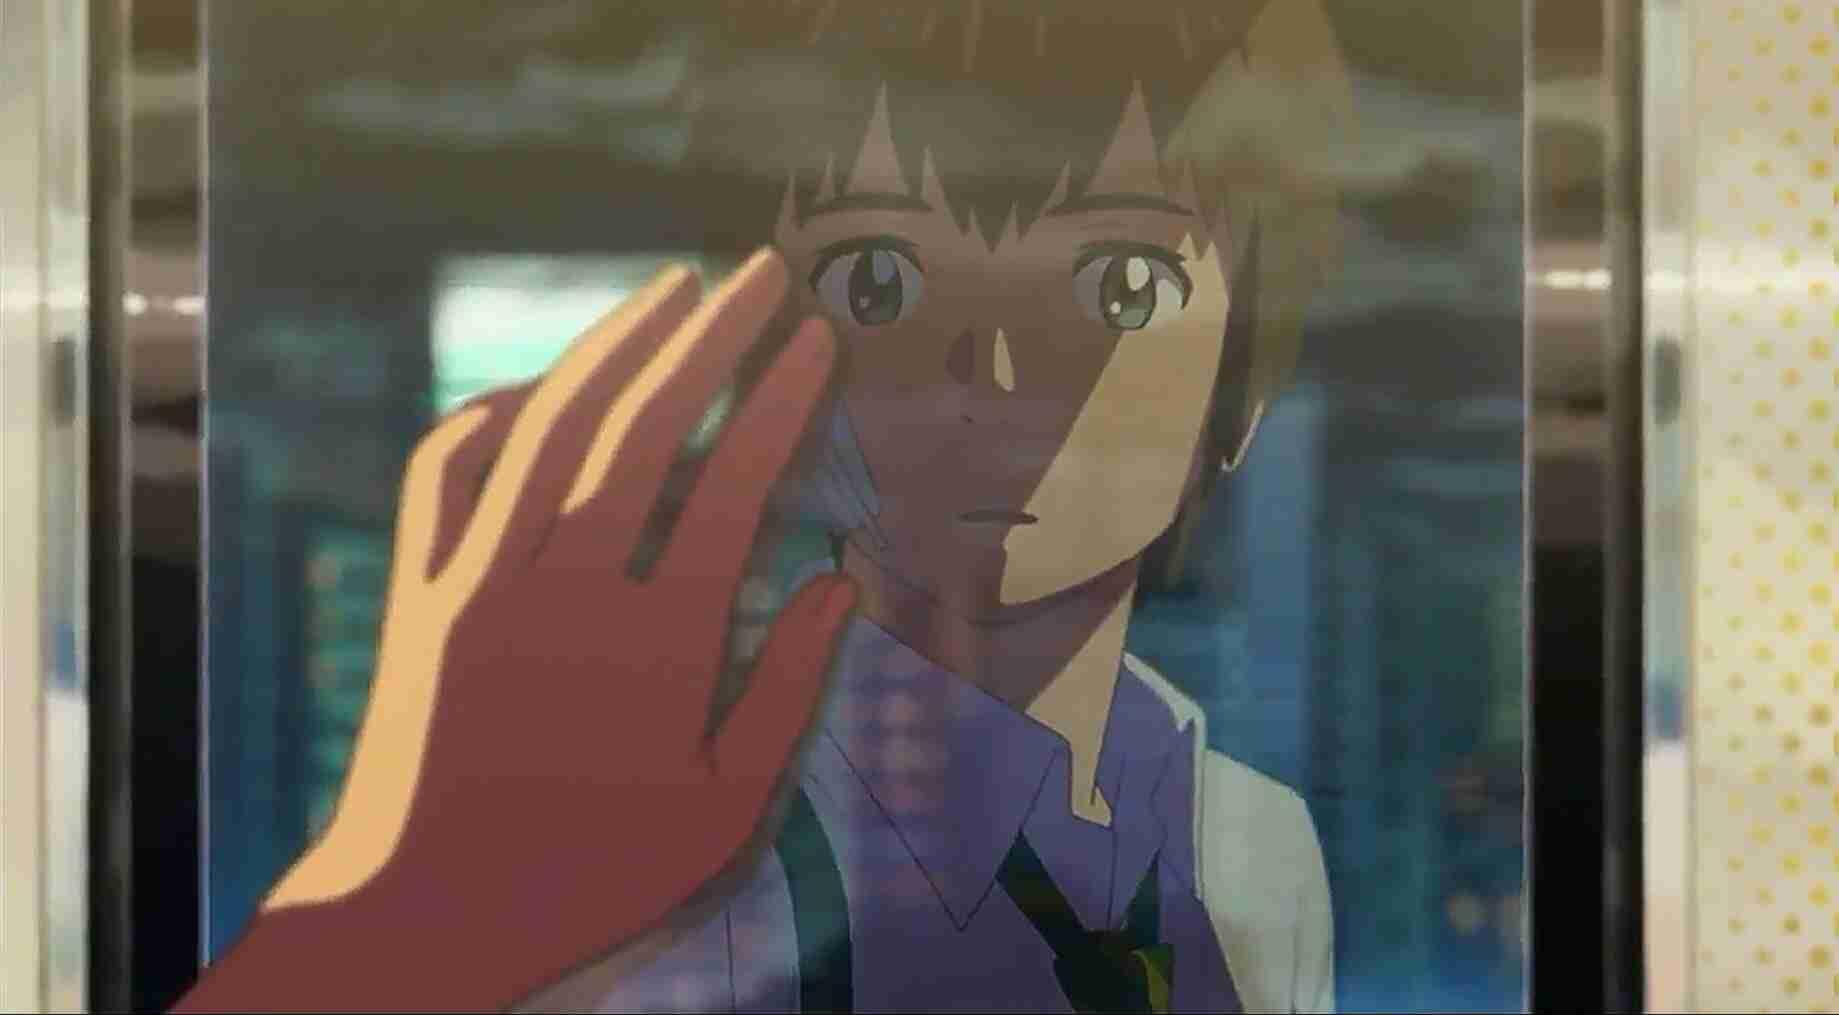 アニメ・漫画の美少年といえば誰ですか?